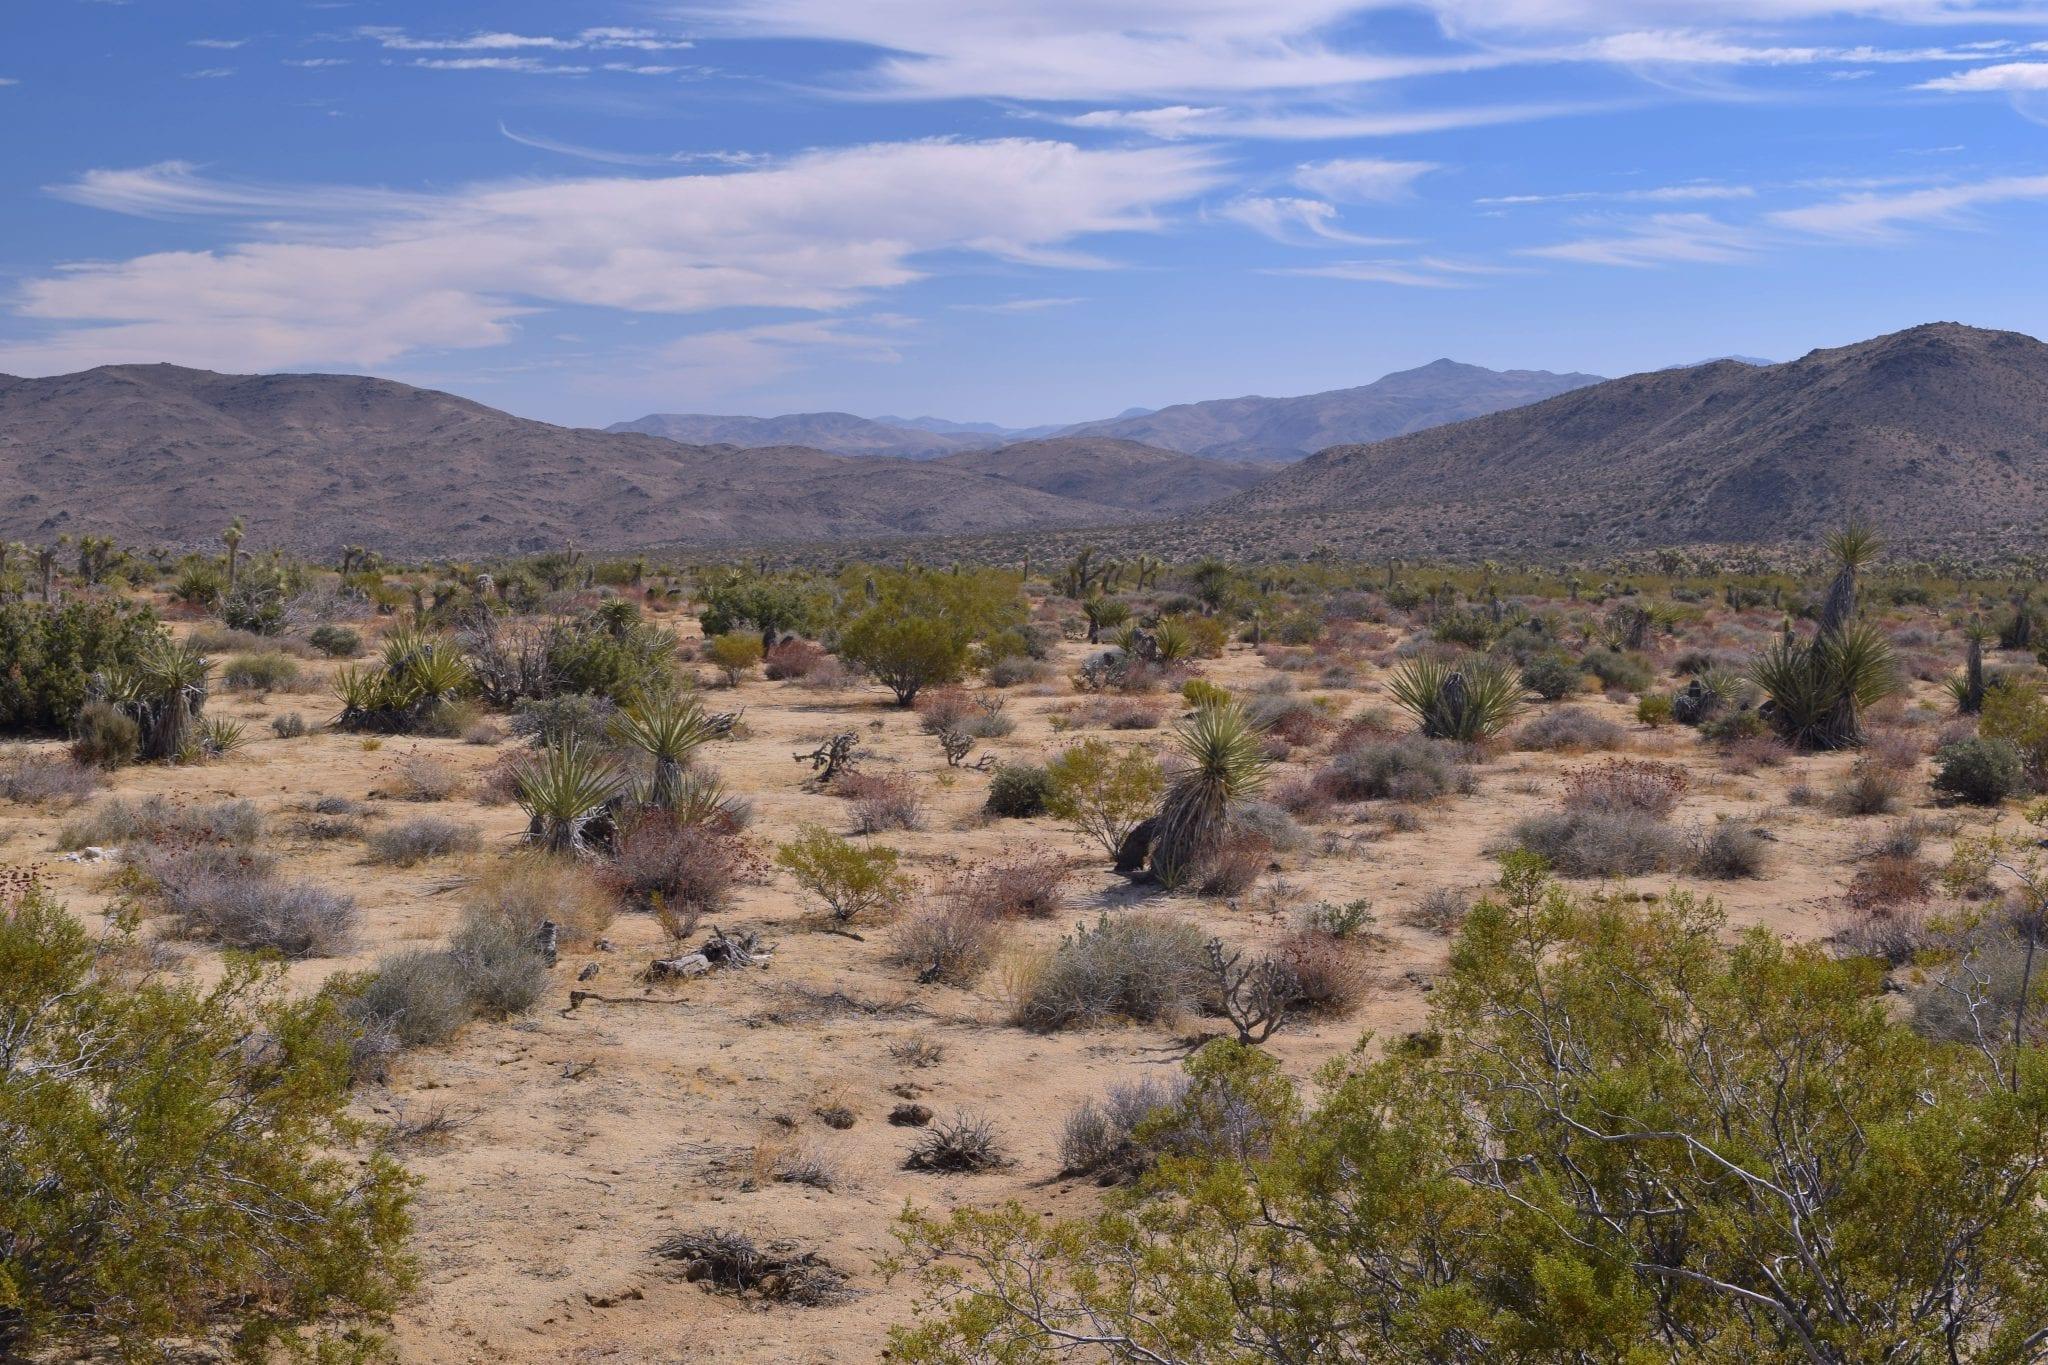 California desert mountain cactus